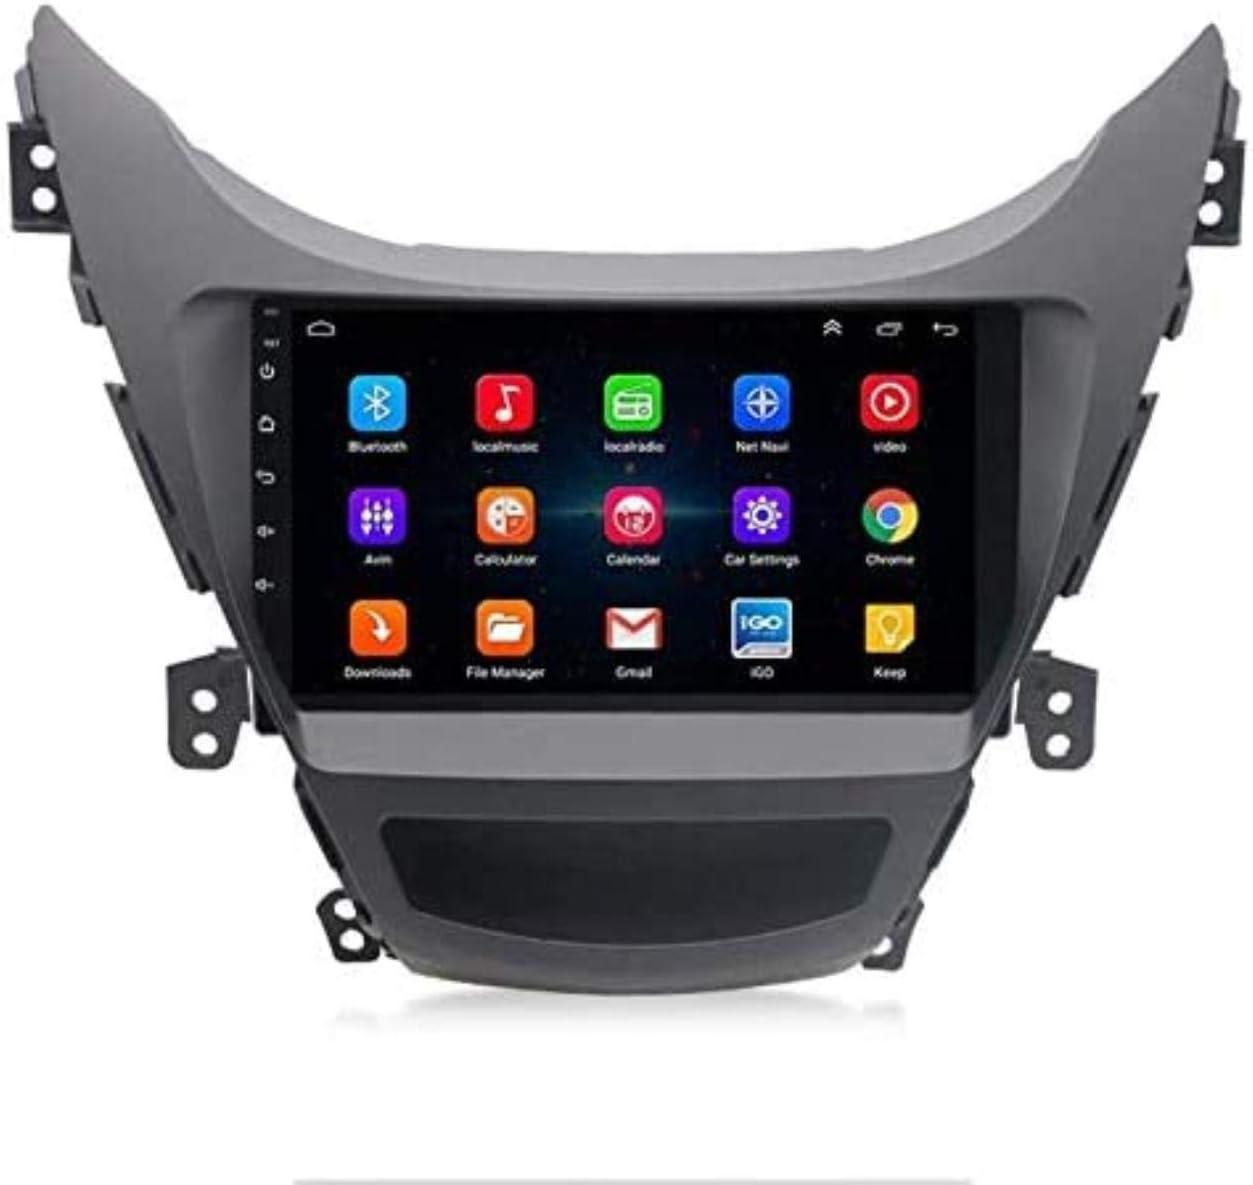 Estéreo del Coche androide, Navi para Hyundai Elantra 2011-2014 Jefe de Las Unidades USB del Sistema de navegación GPS SWC 4G WiFi BT Radio,WiFi + 2G 32G